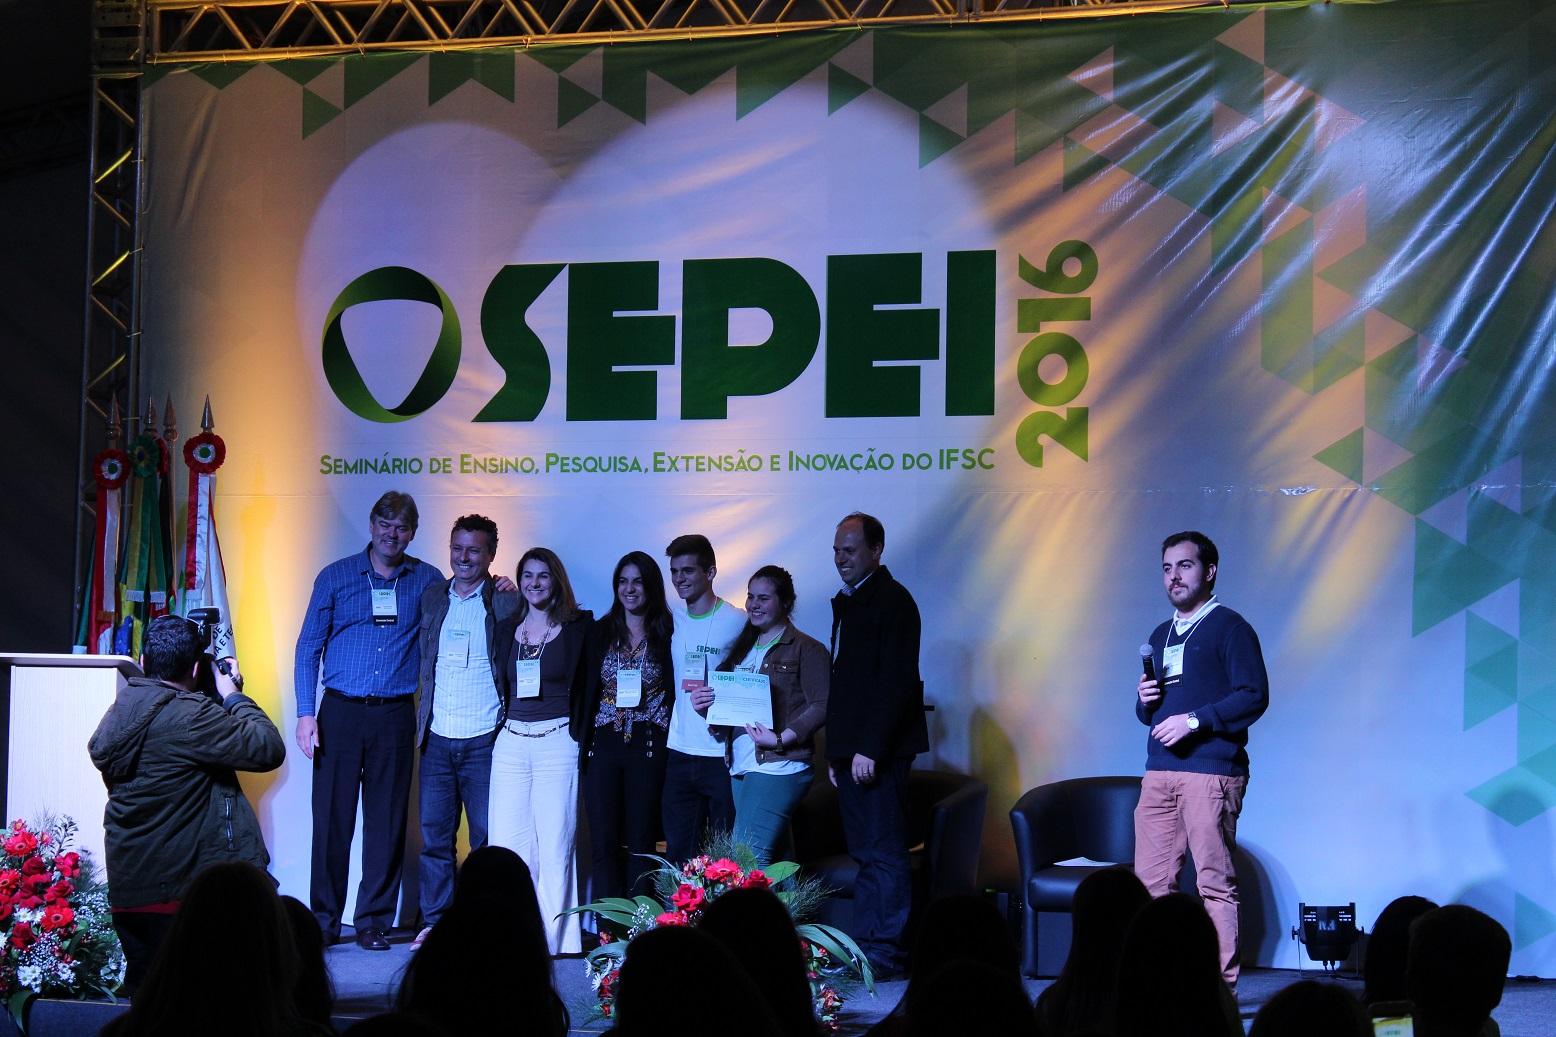 Sepei: divulgados os Anais da edição de 2016